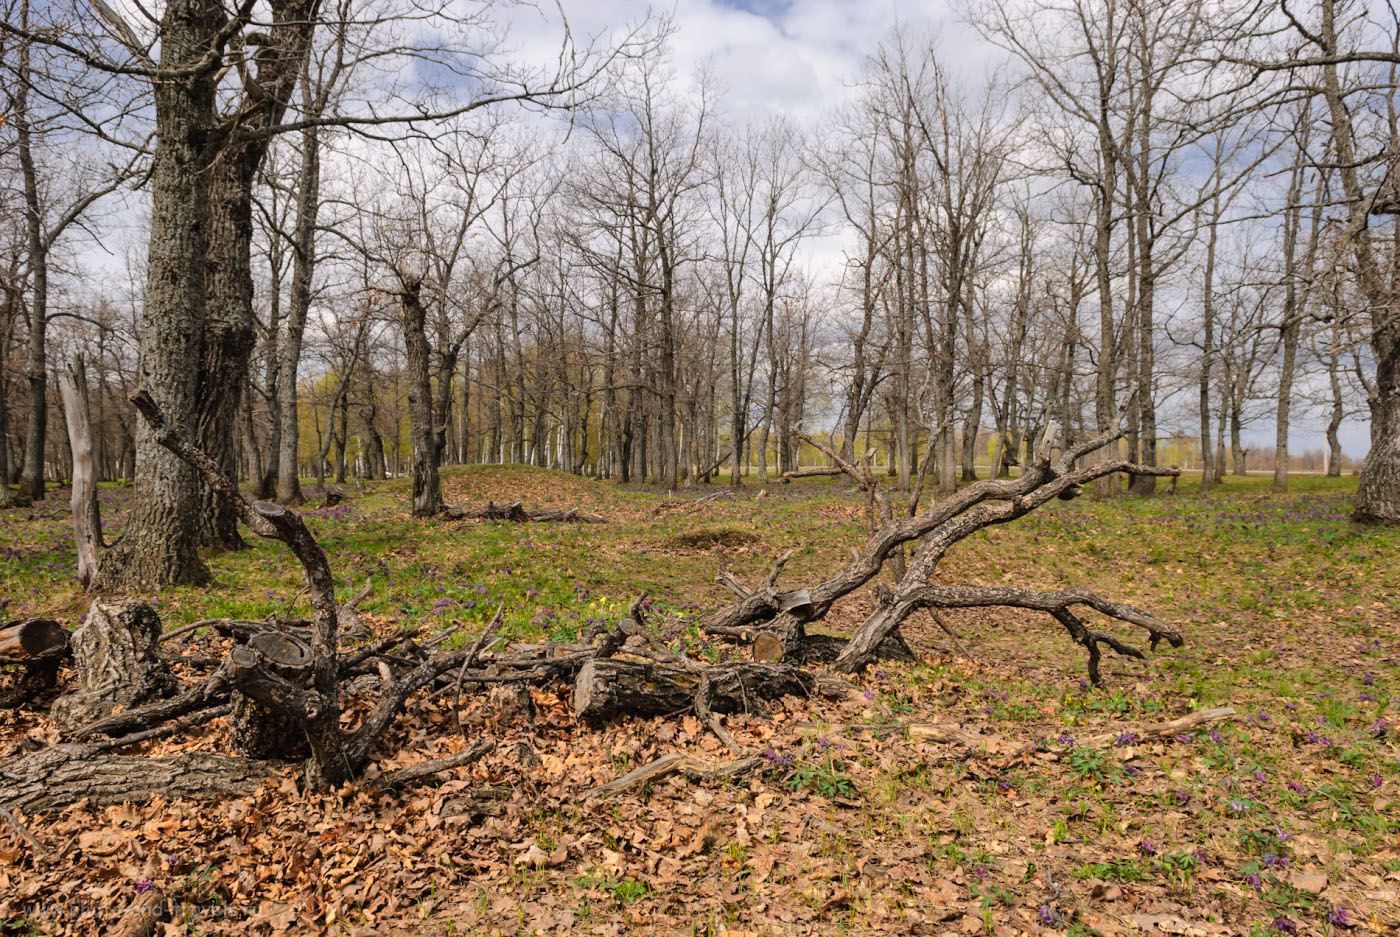 Фото 6. Такую дубовую рощу мы увидели, когда съездили отдохнуть в Башкирию. Камера Nikon D80, объектив Nikon 17-55mm f/2.8. Настройки: 1/250, -1.33, 9.0, 100, 17.